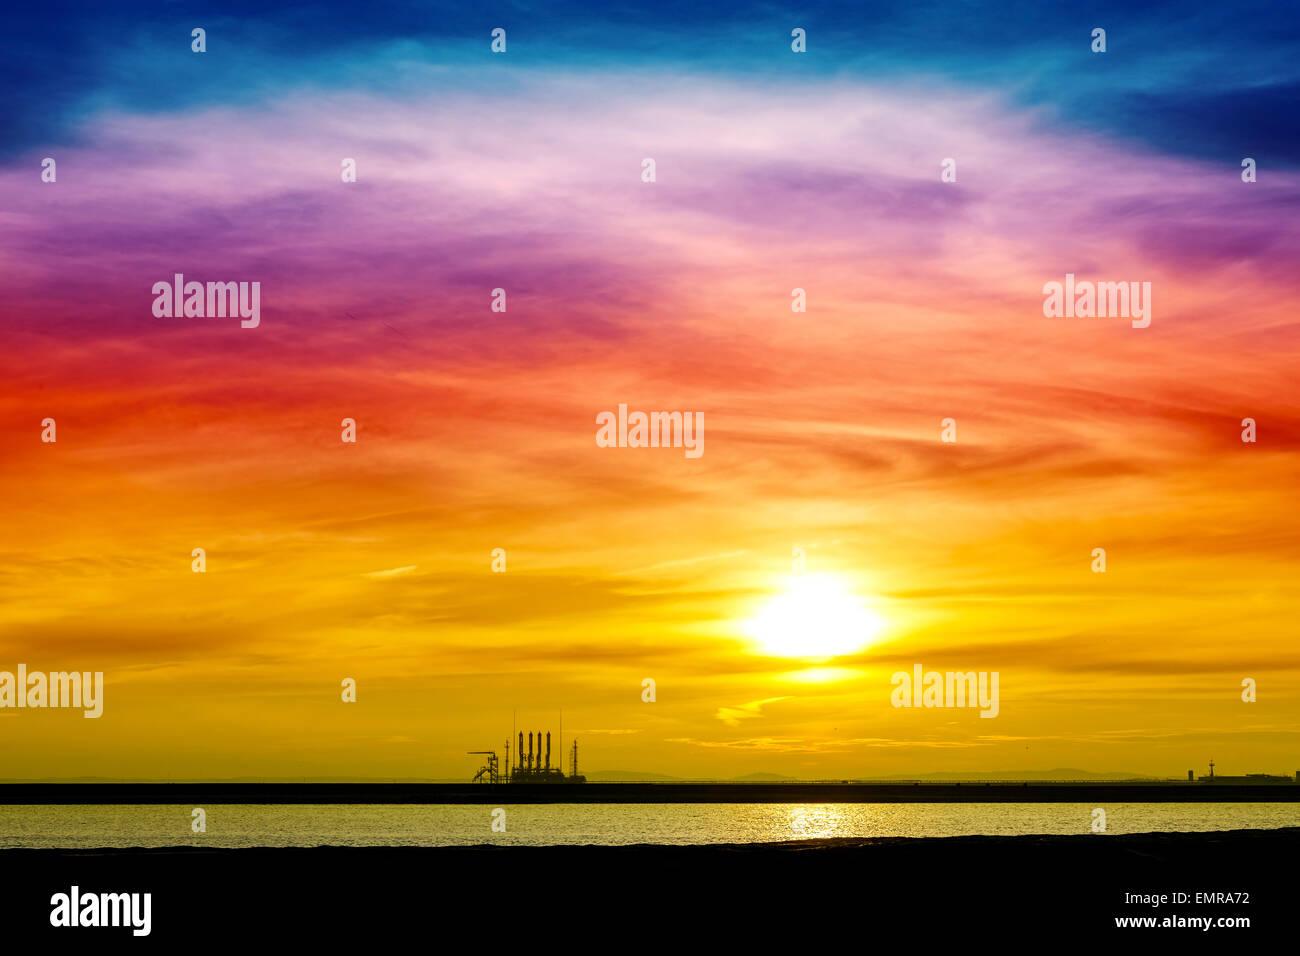 Bunte Sonnenaufgang über industrielle Infrastruktur im Hafen von Swinemünde, Polen. Stockbild